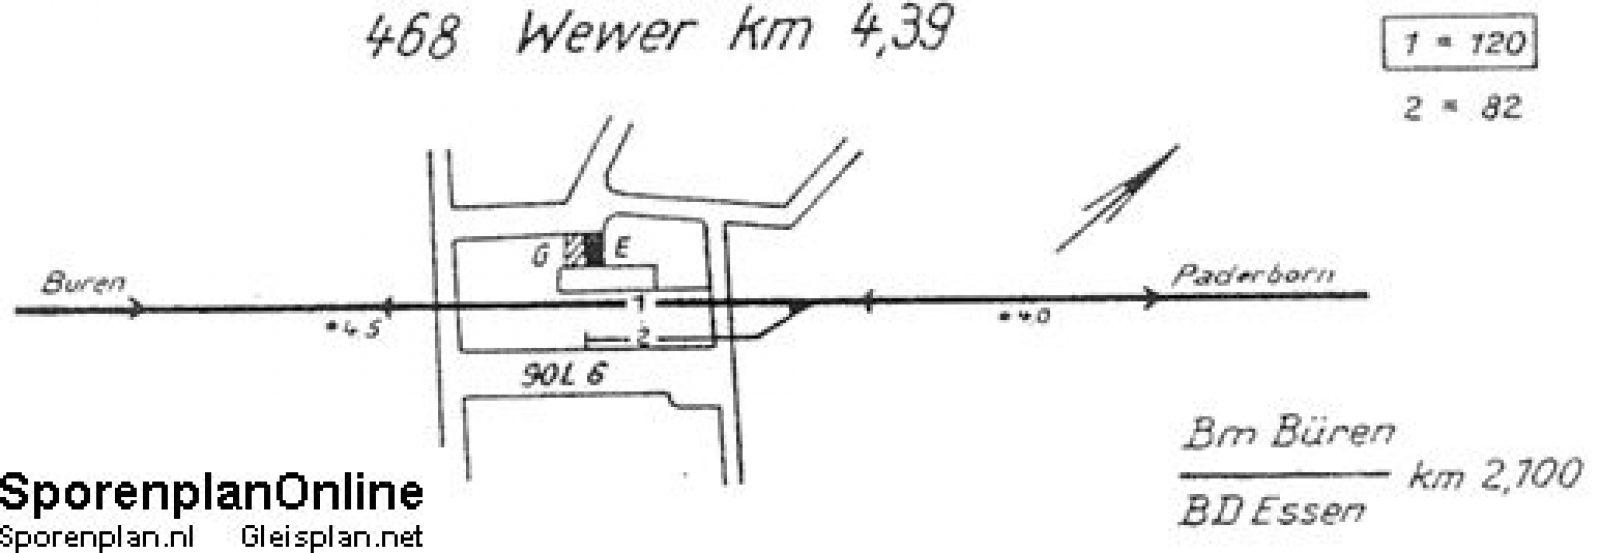 07 Gleisplan 468_wewer